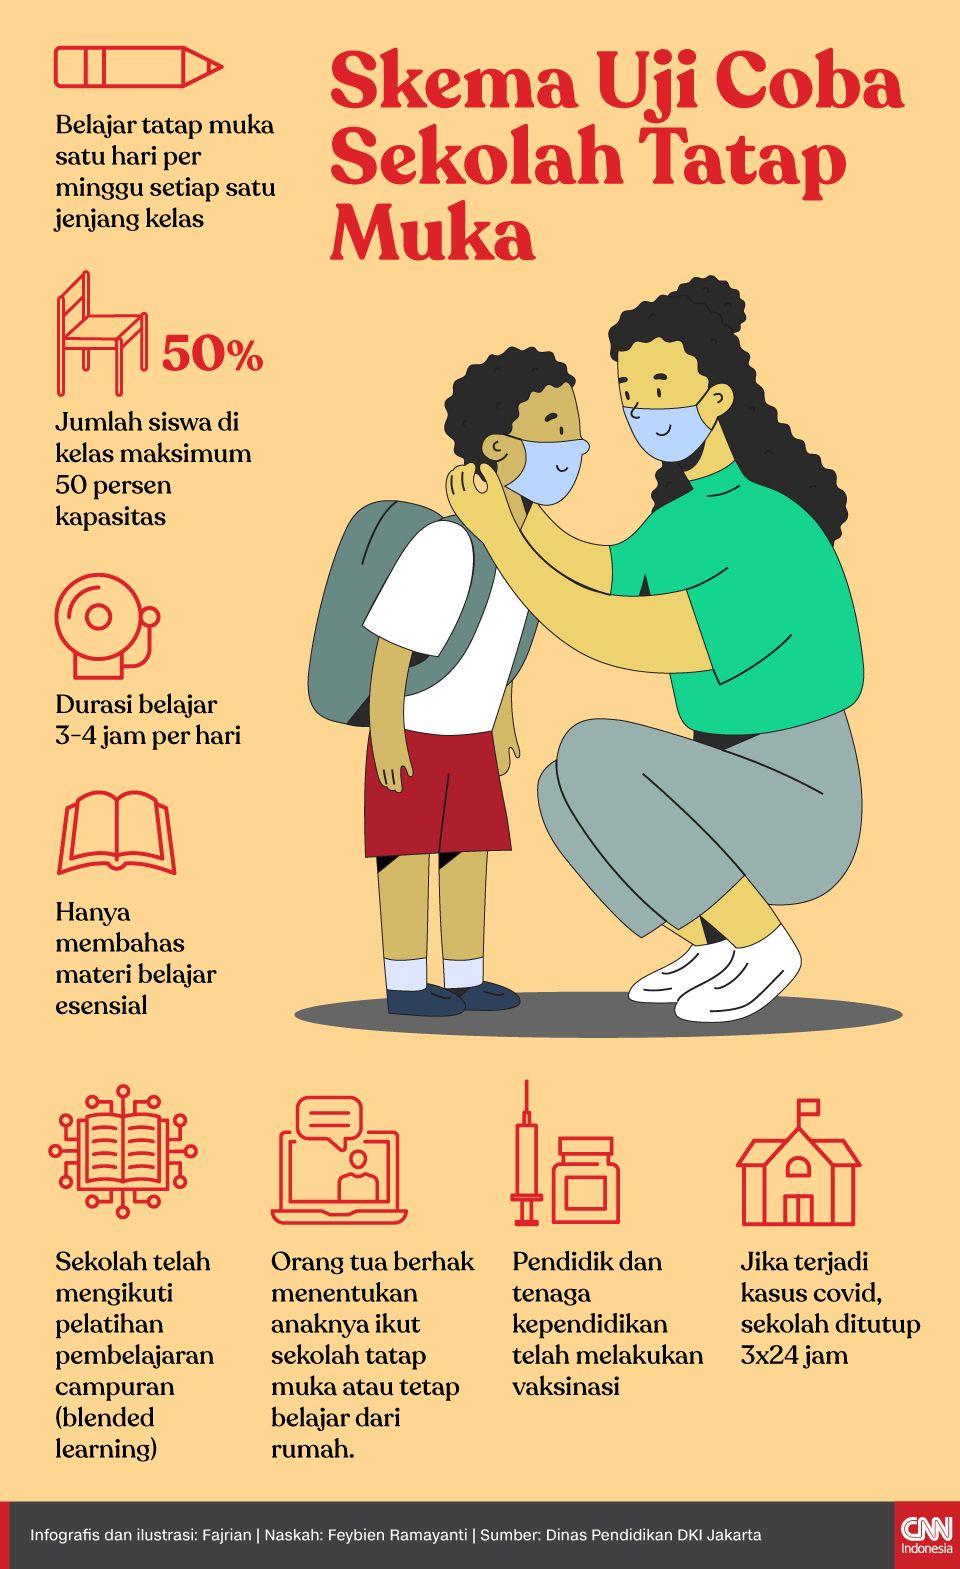 Infografis Skema Uji Coba Sekolah Tatap Muka